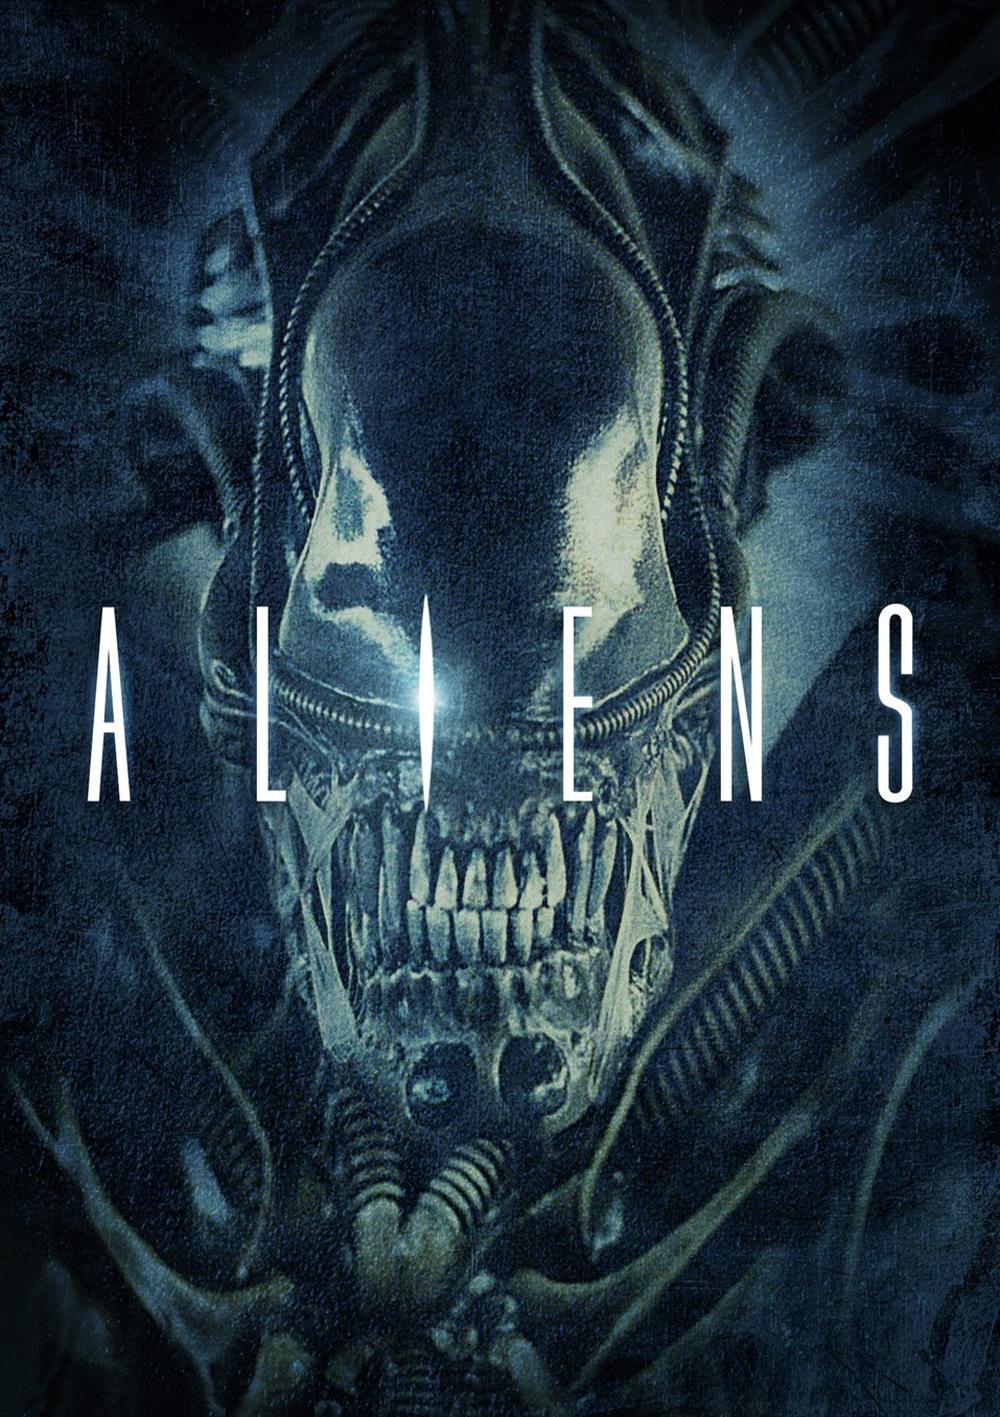 mwbw-aliens.jpg